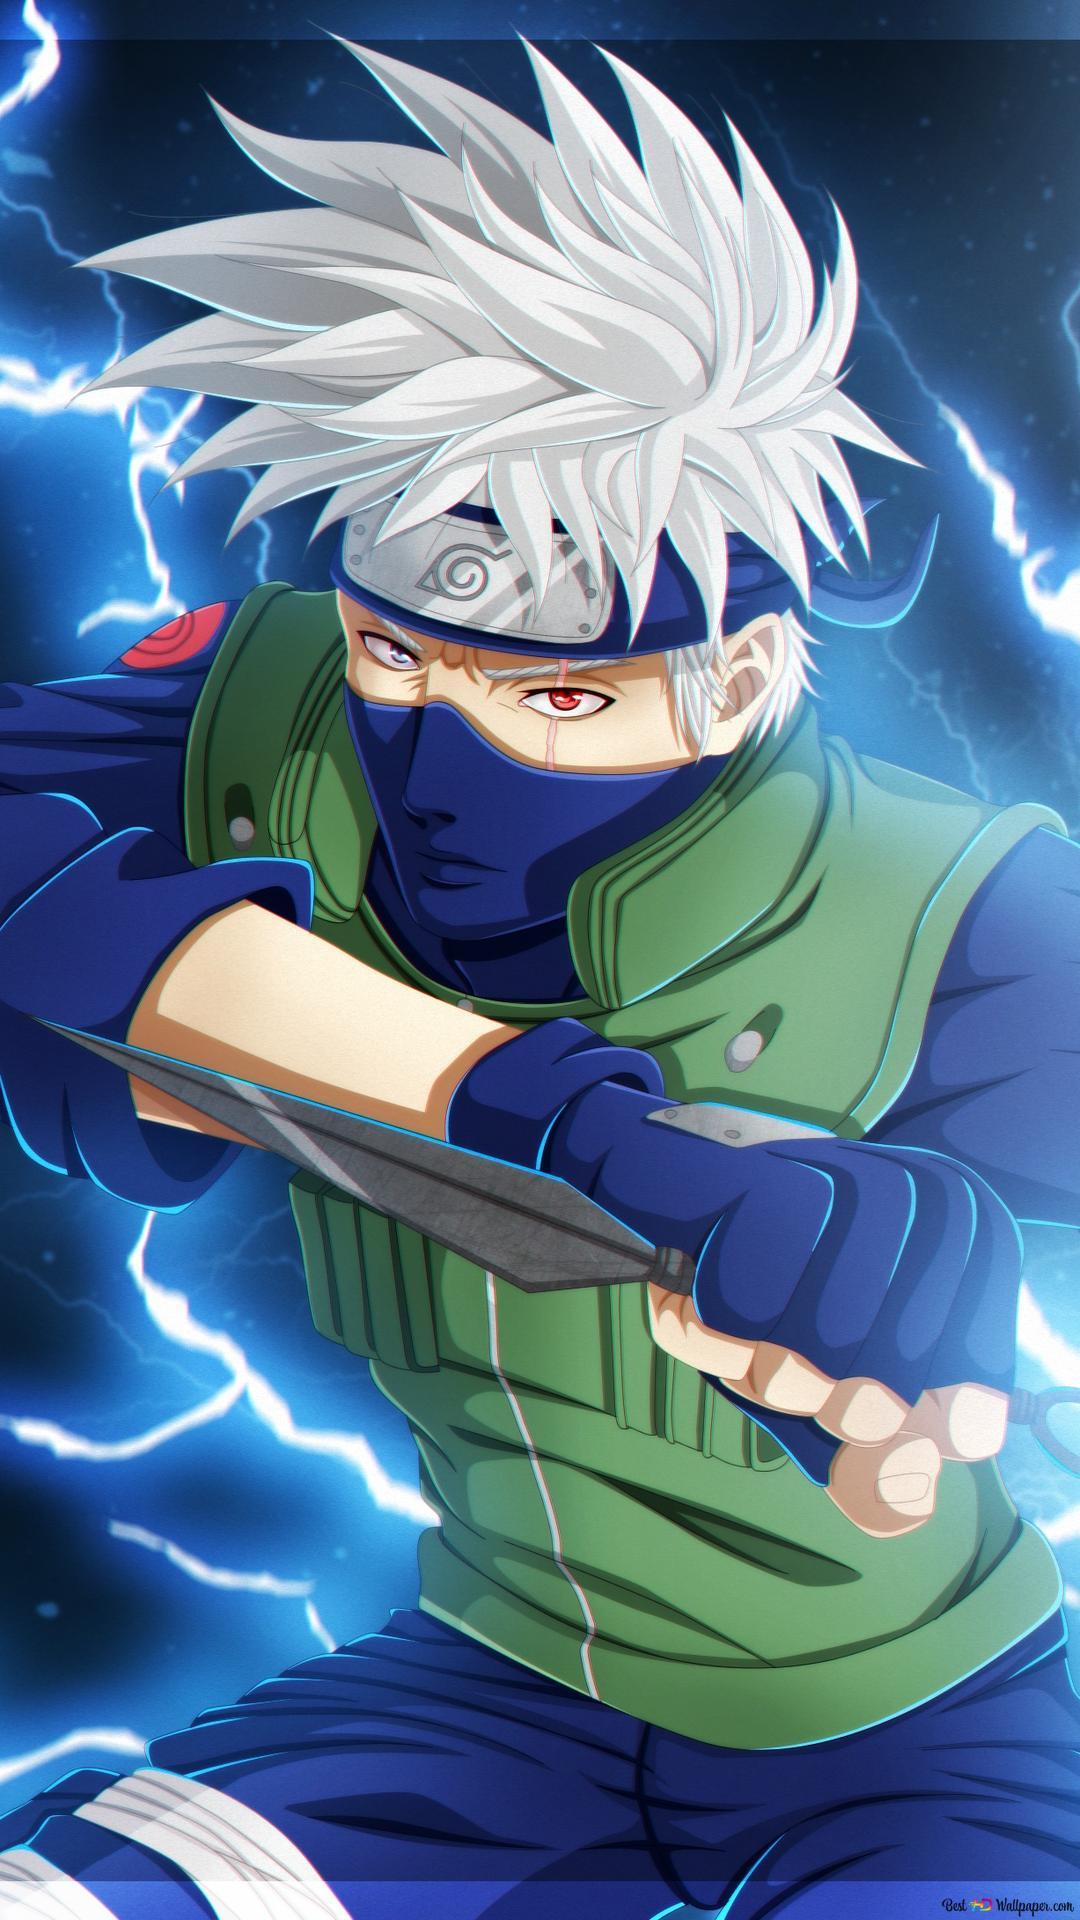 Naruto ナルト 疾風伝 はたけカカシ雷術 Hd壁紙のダウンロード